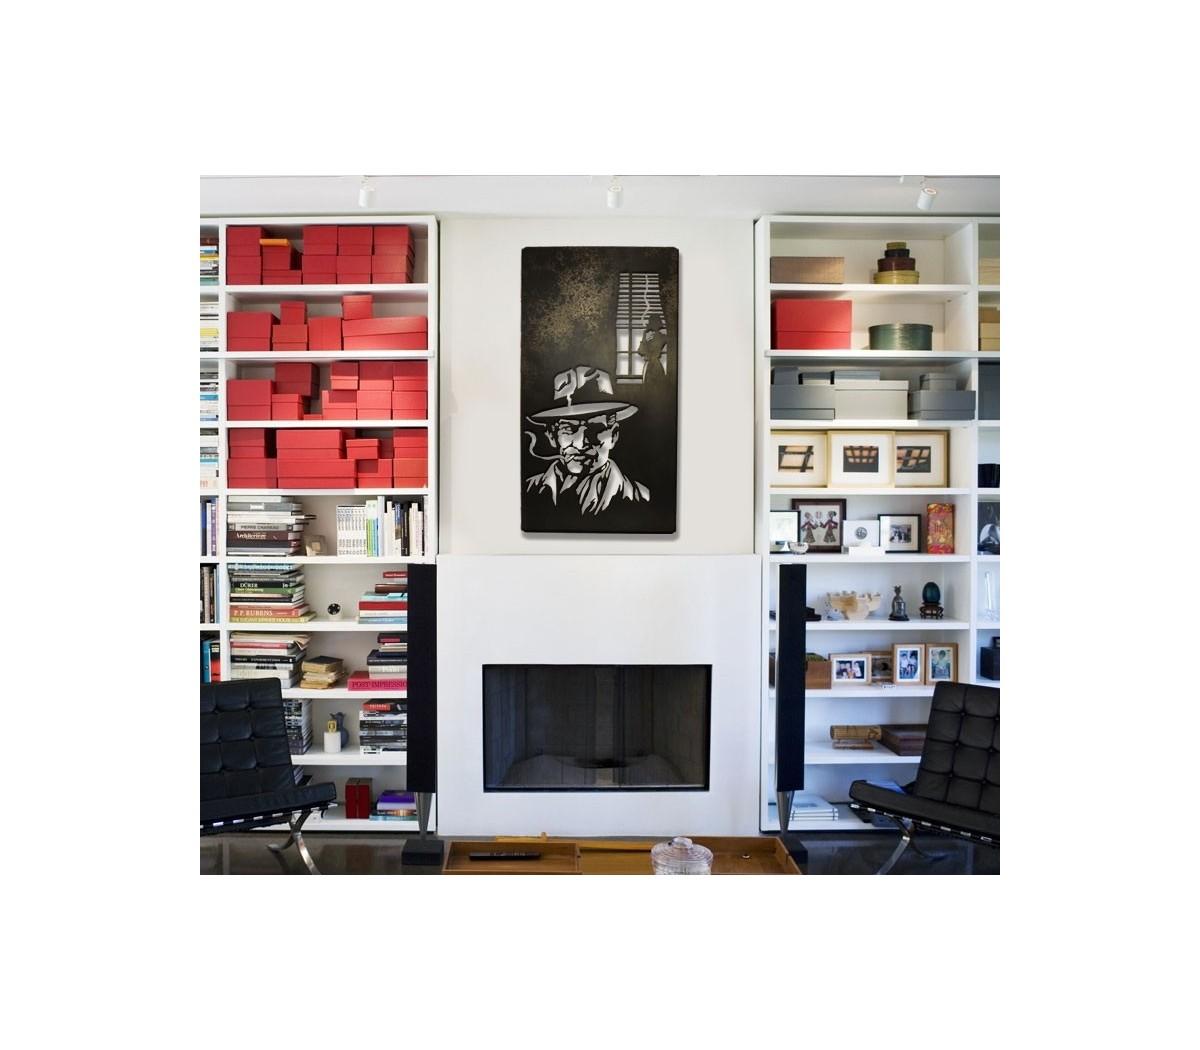 roman noir de shohan design un tableau lumineux au style tr s bd inspir e des films noirs et. Black Bedroom Furniture Sets. Home Design Ideas